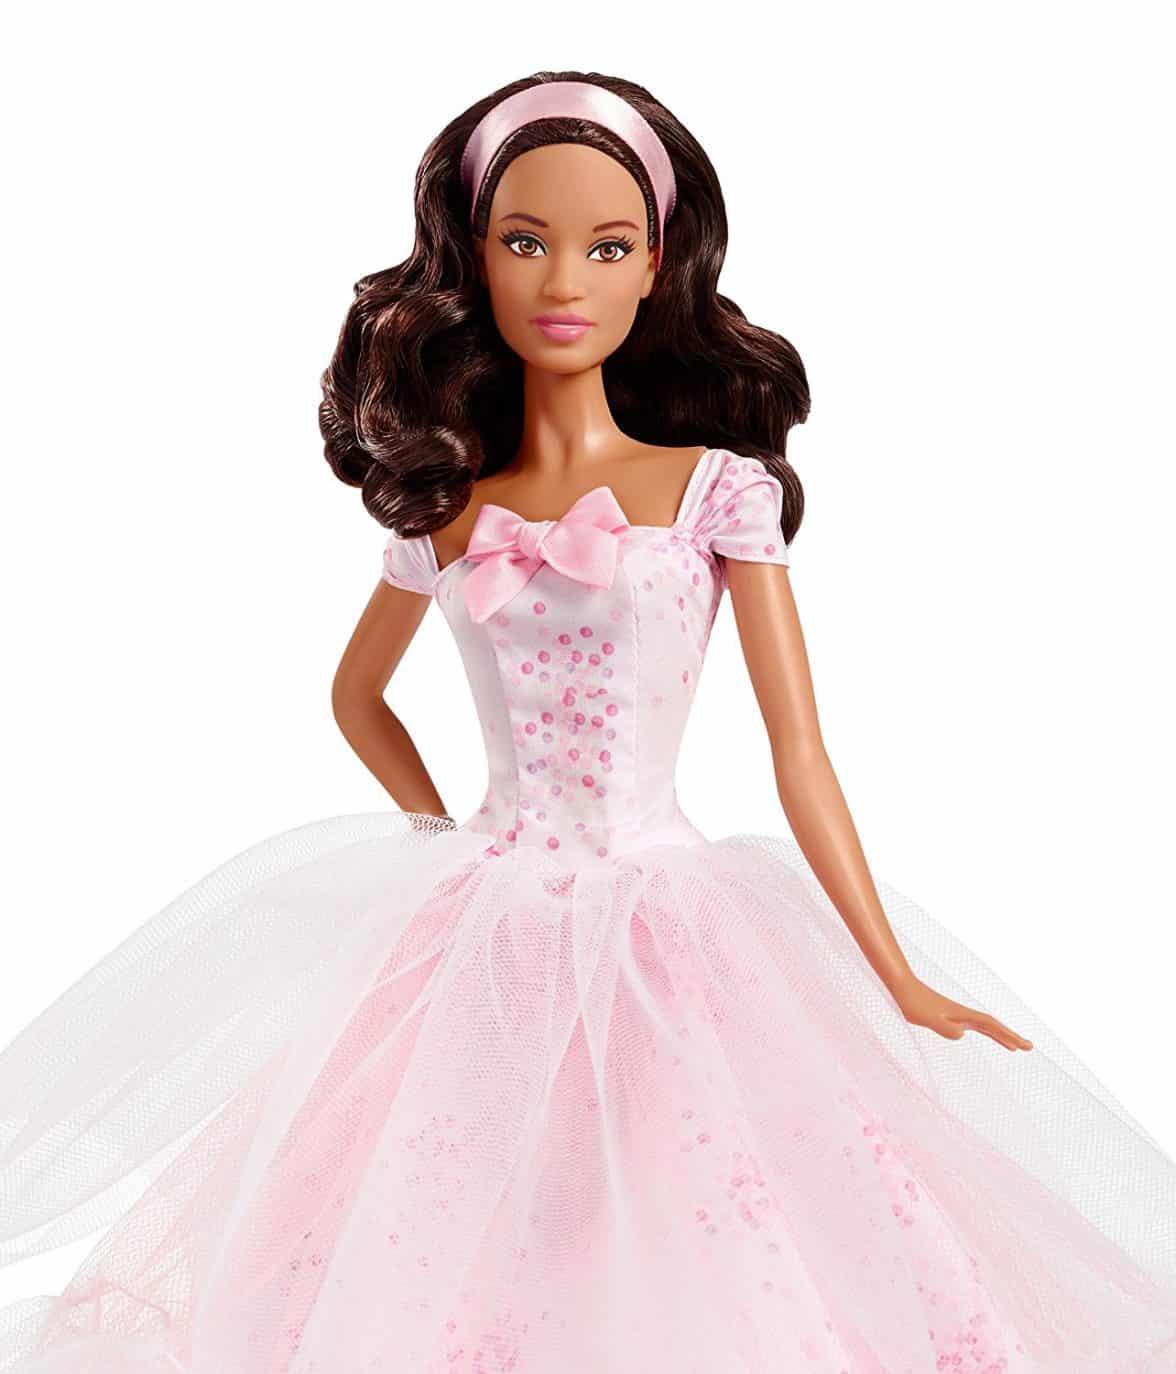 Barbie Birthday Wishes 2016 Doll Dark Brunette